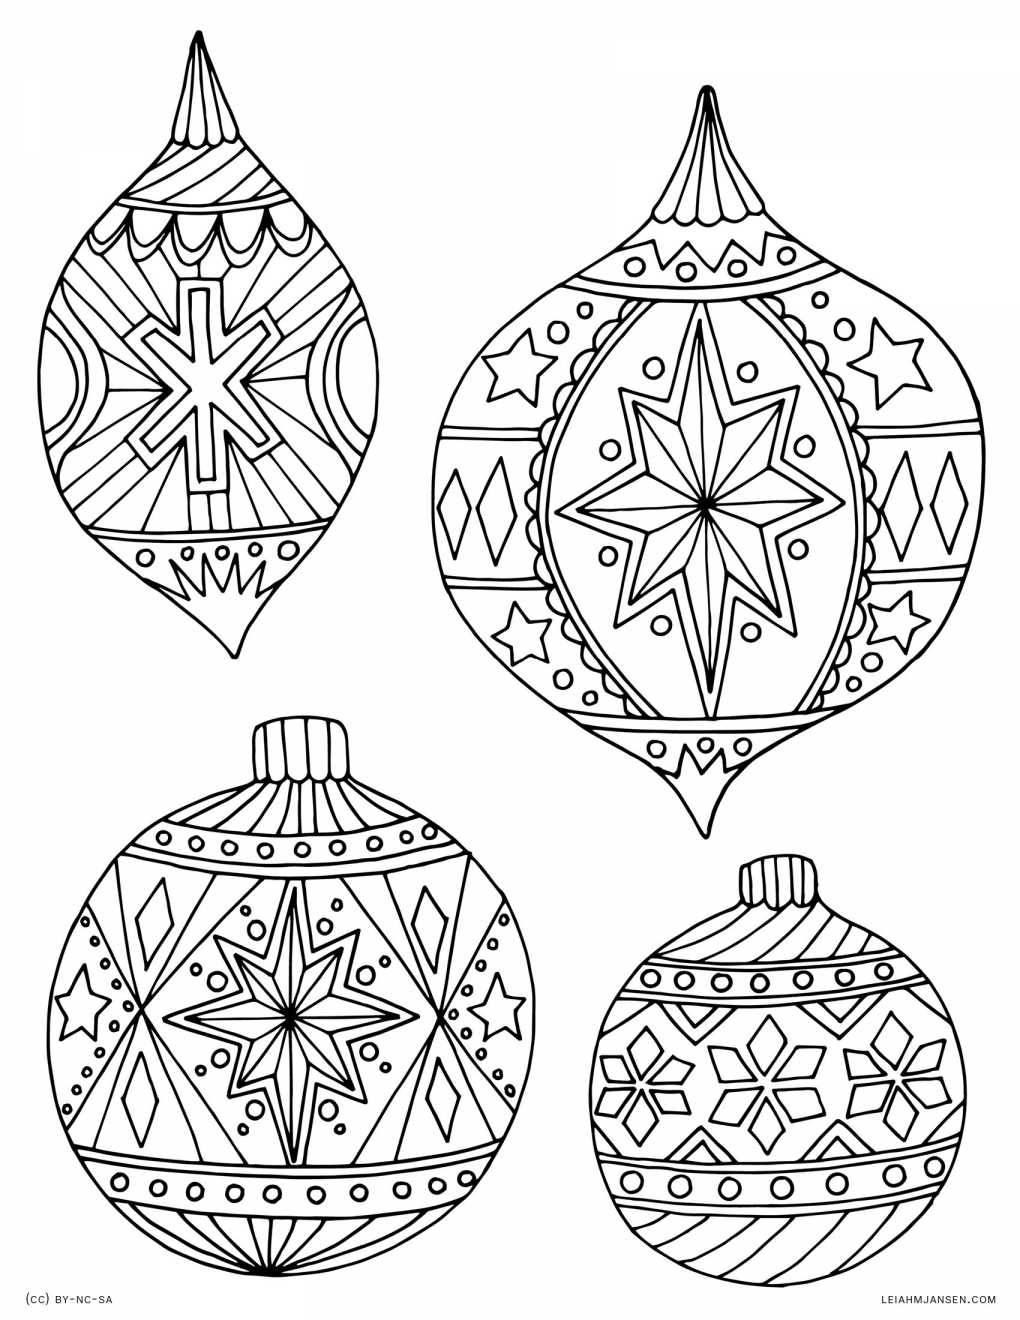 30 Cheerful Printable Christmas Ornaments   Kittybabylove - Free Printable Christmas Ornament Patterns